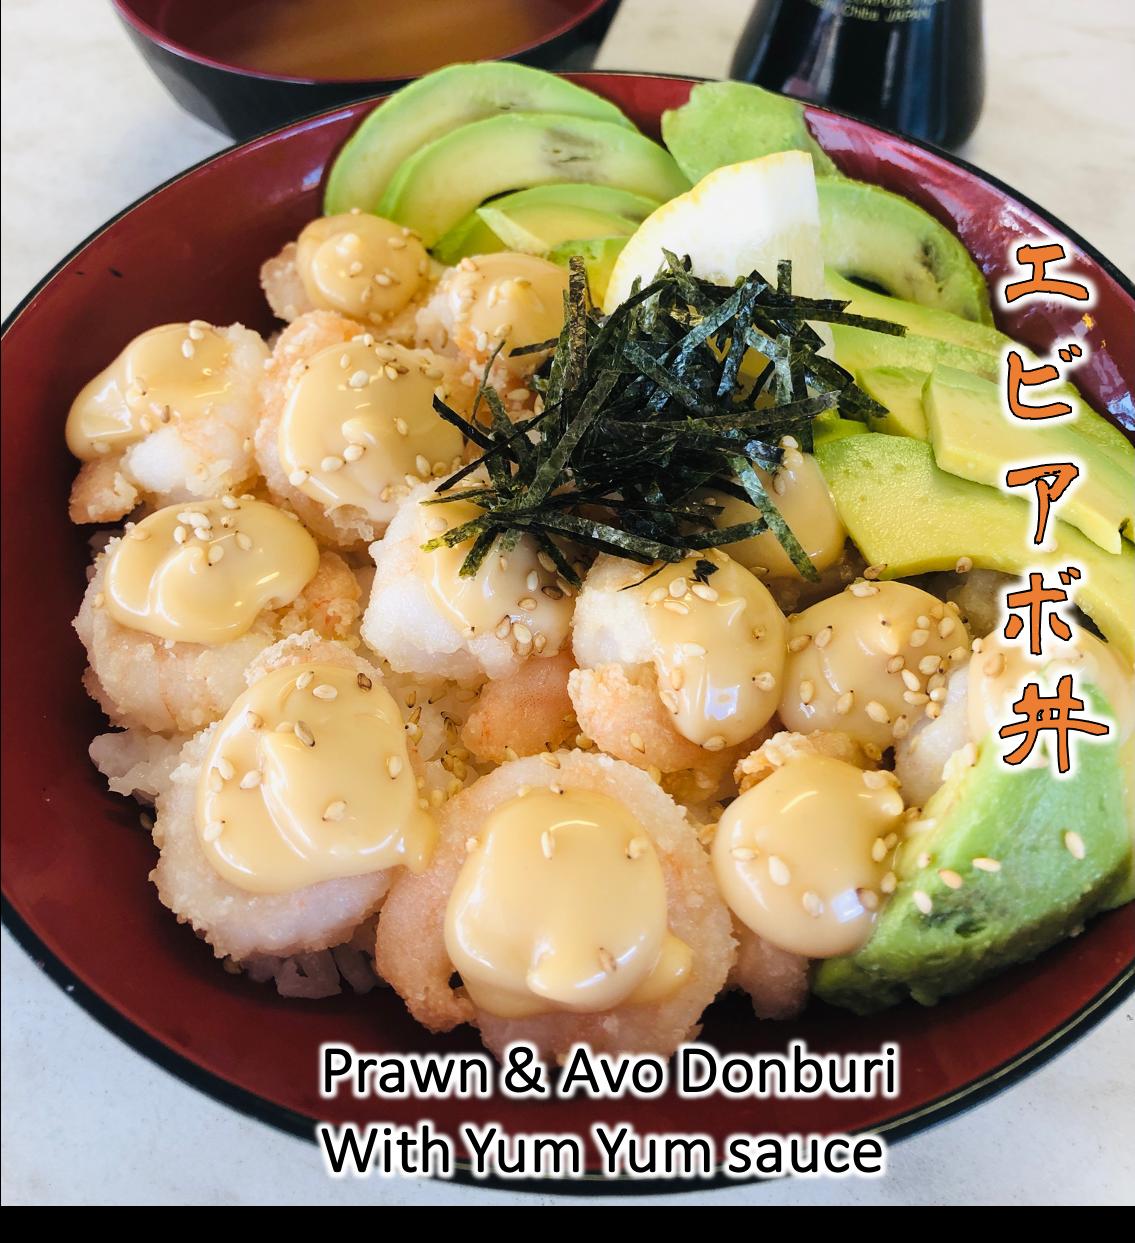 Prawn & Avo Donburi with Yum Yum sauce